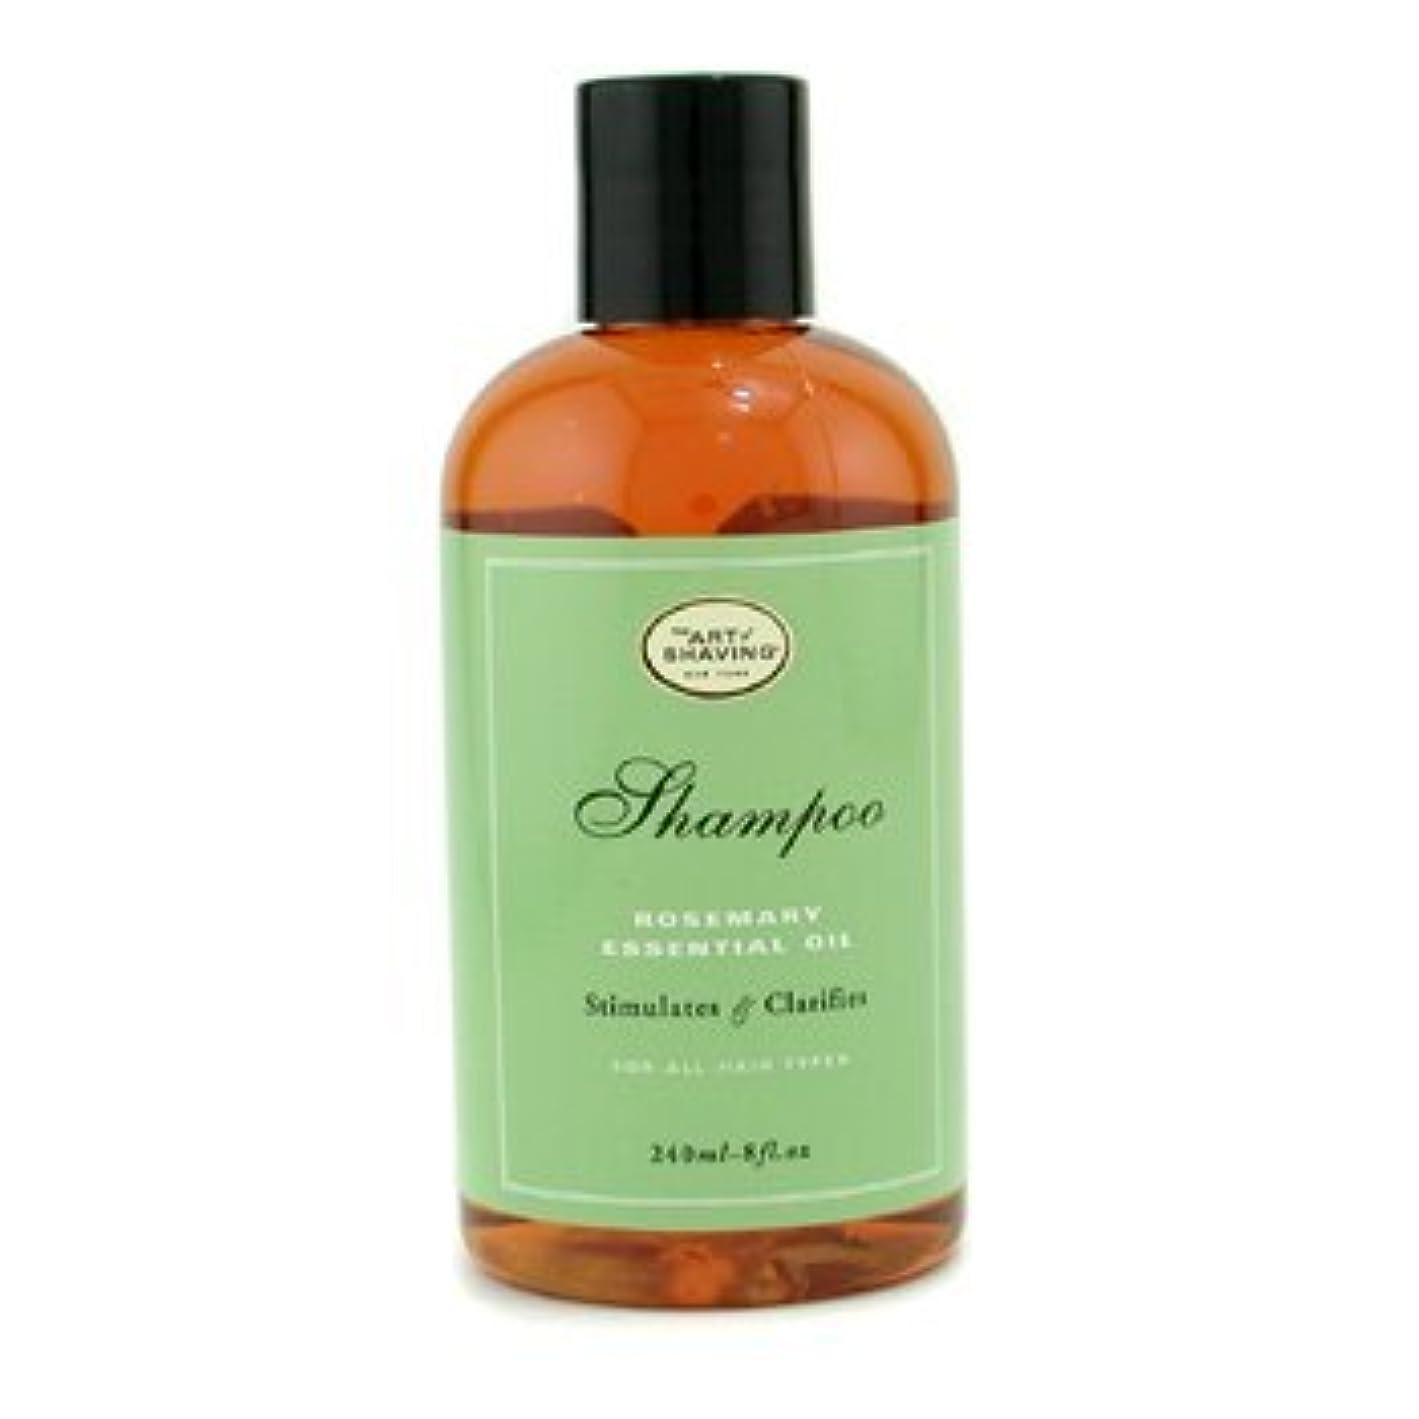 デッキ安心会う[The Art Of Shaving] Shampoo - Rosemary Essential Oil ( For All Hair Types ) 240ml/8oz